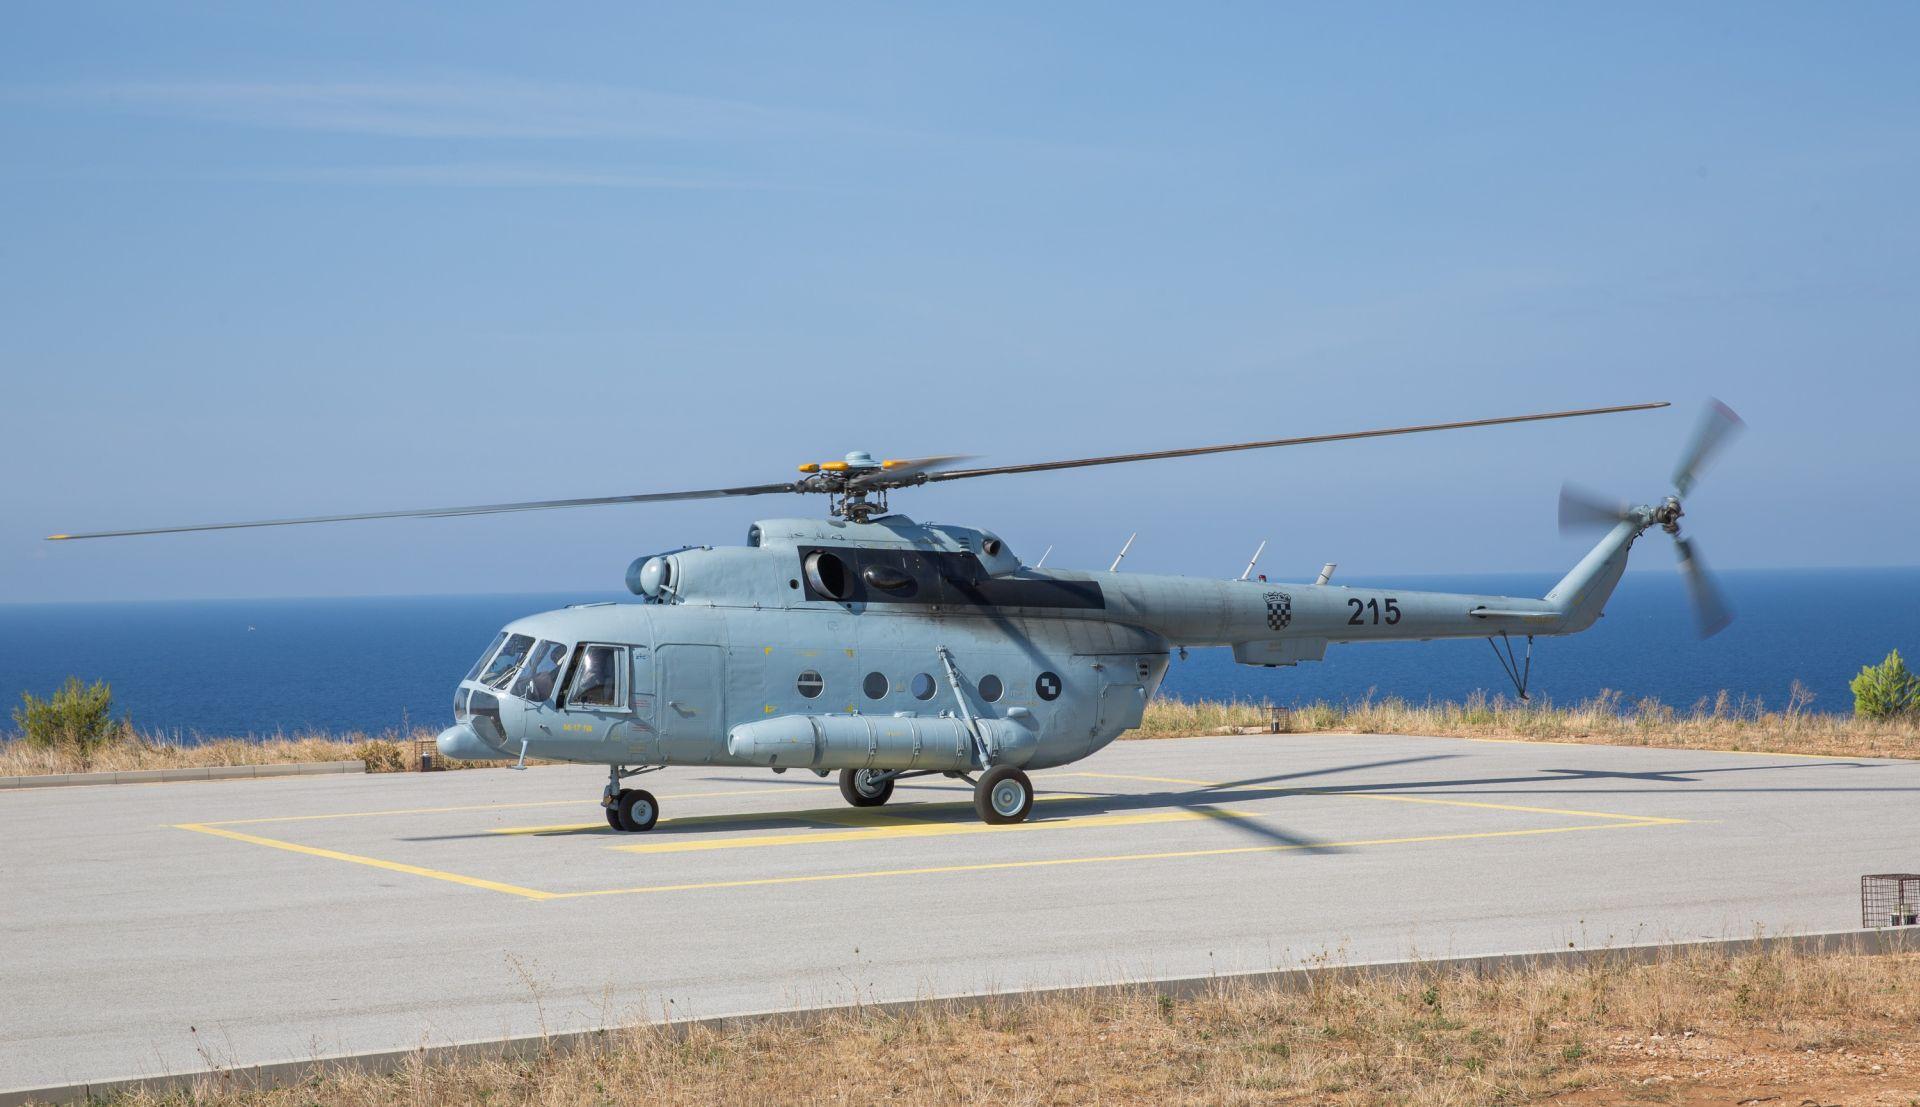 Spašena Čehinja prevezena vojnim helikopterom u Starigrad